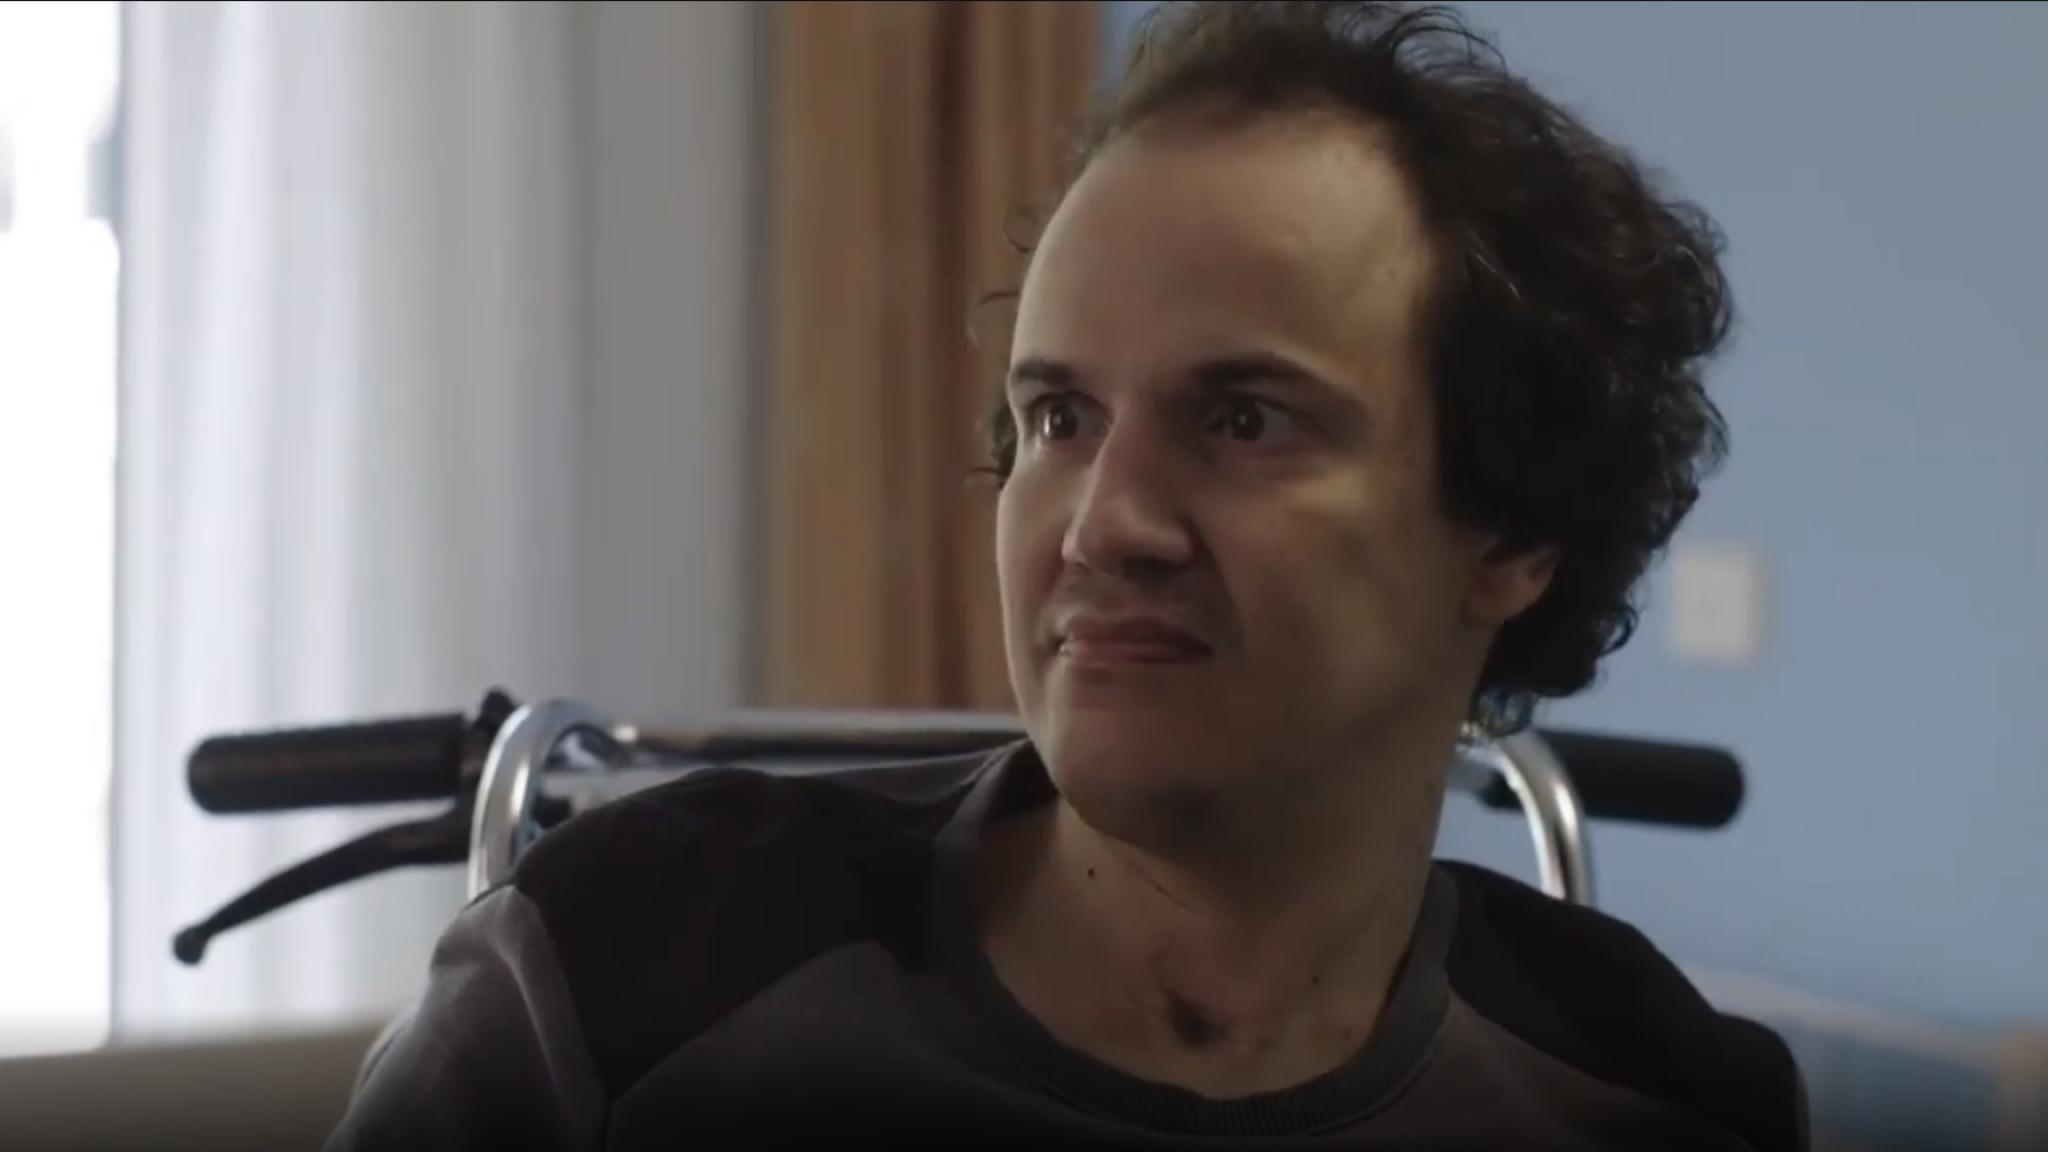 Verlamde Richard (37) kan door slaapmiddel weer even praten en bewegen    RTL Nieuws